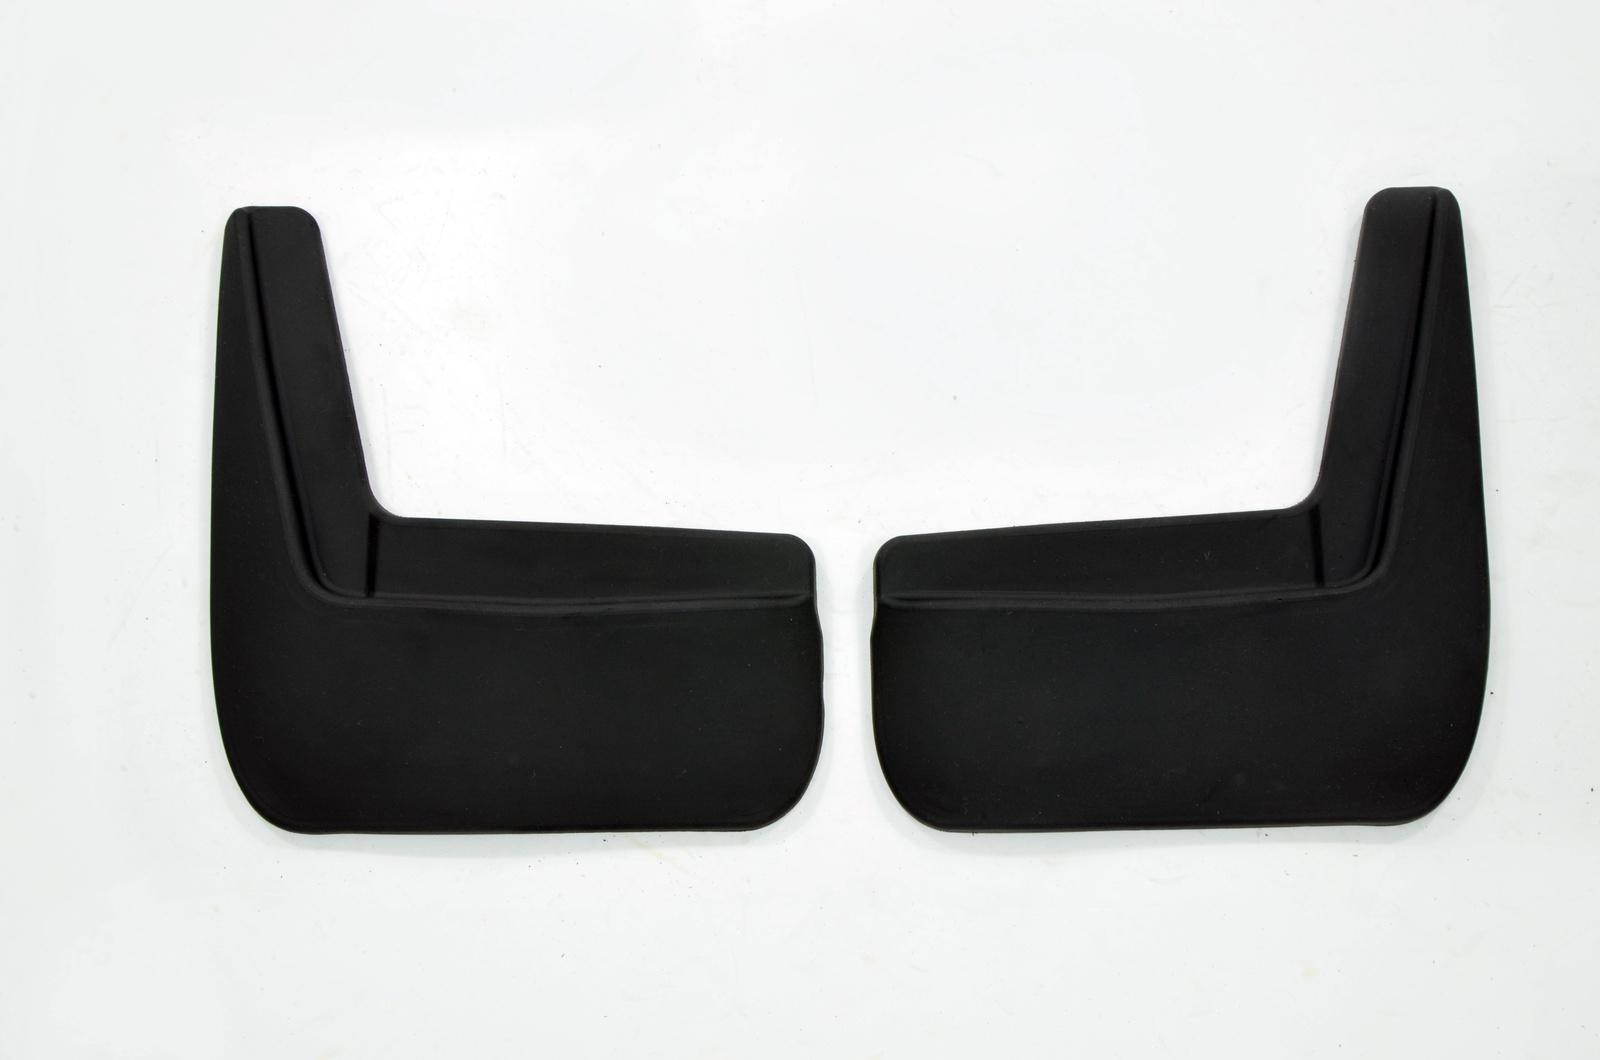 Брызговики резиновые для Toyota Corolla (2013-) Задние